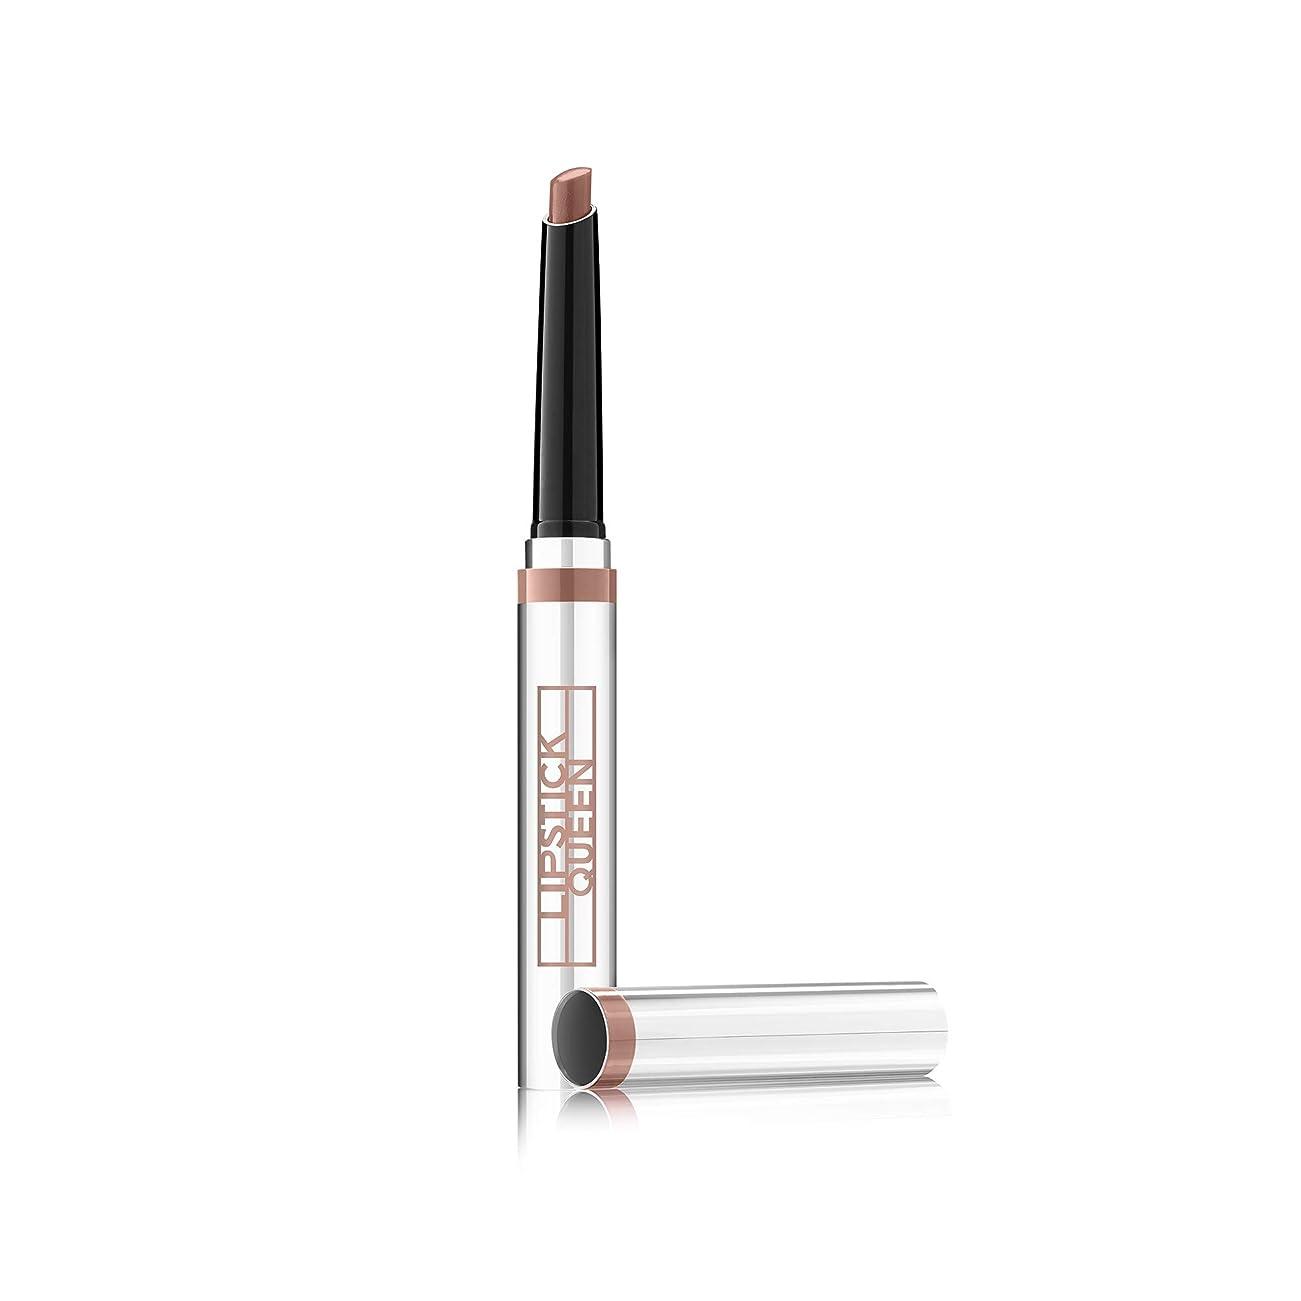 同行するポータル豪華なリップスティック クィーン Rear View Mirror Lip Lacquer - # Little Nude Coupe (A Pinky Beige Nude) 1.3g/0.04oz並行輸入品